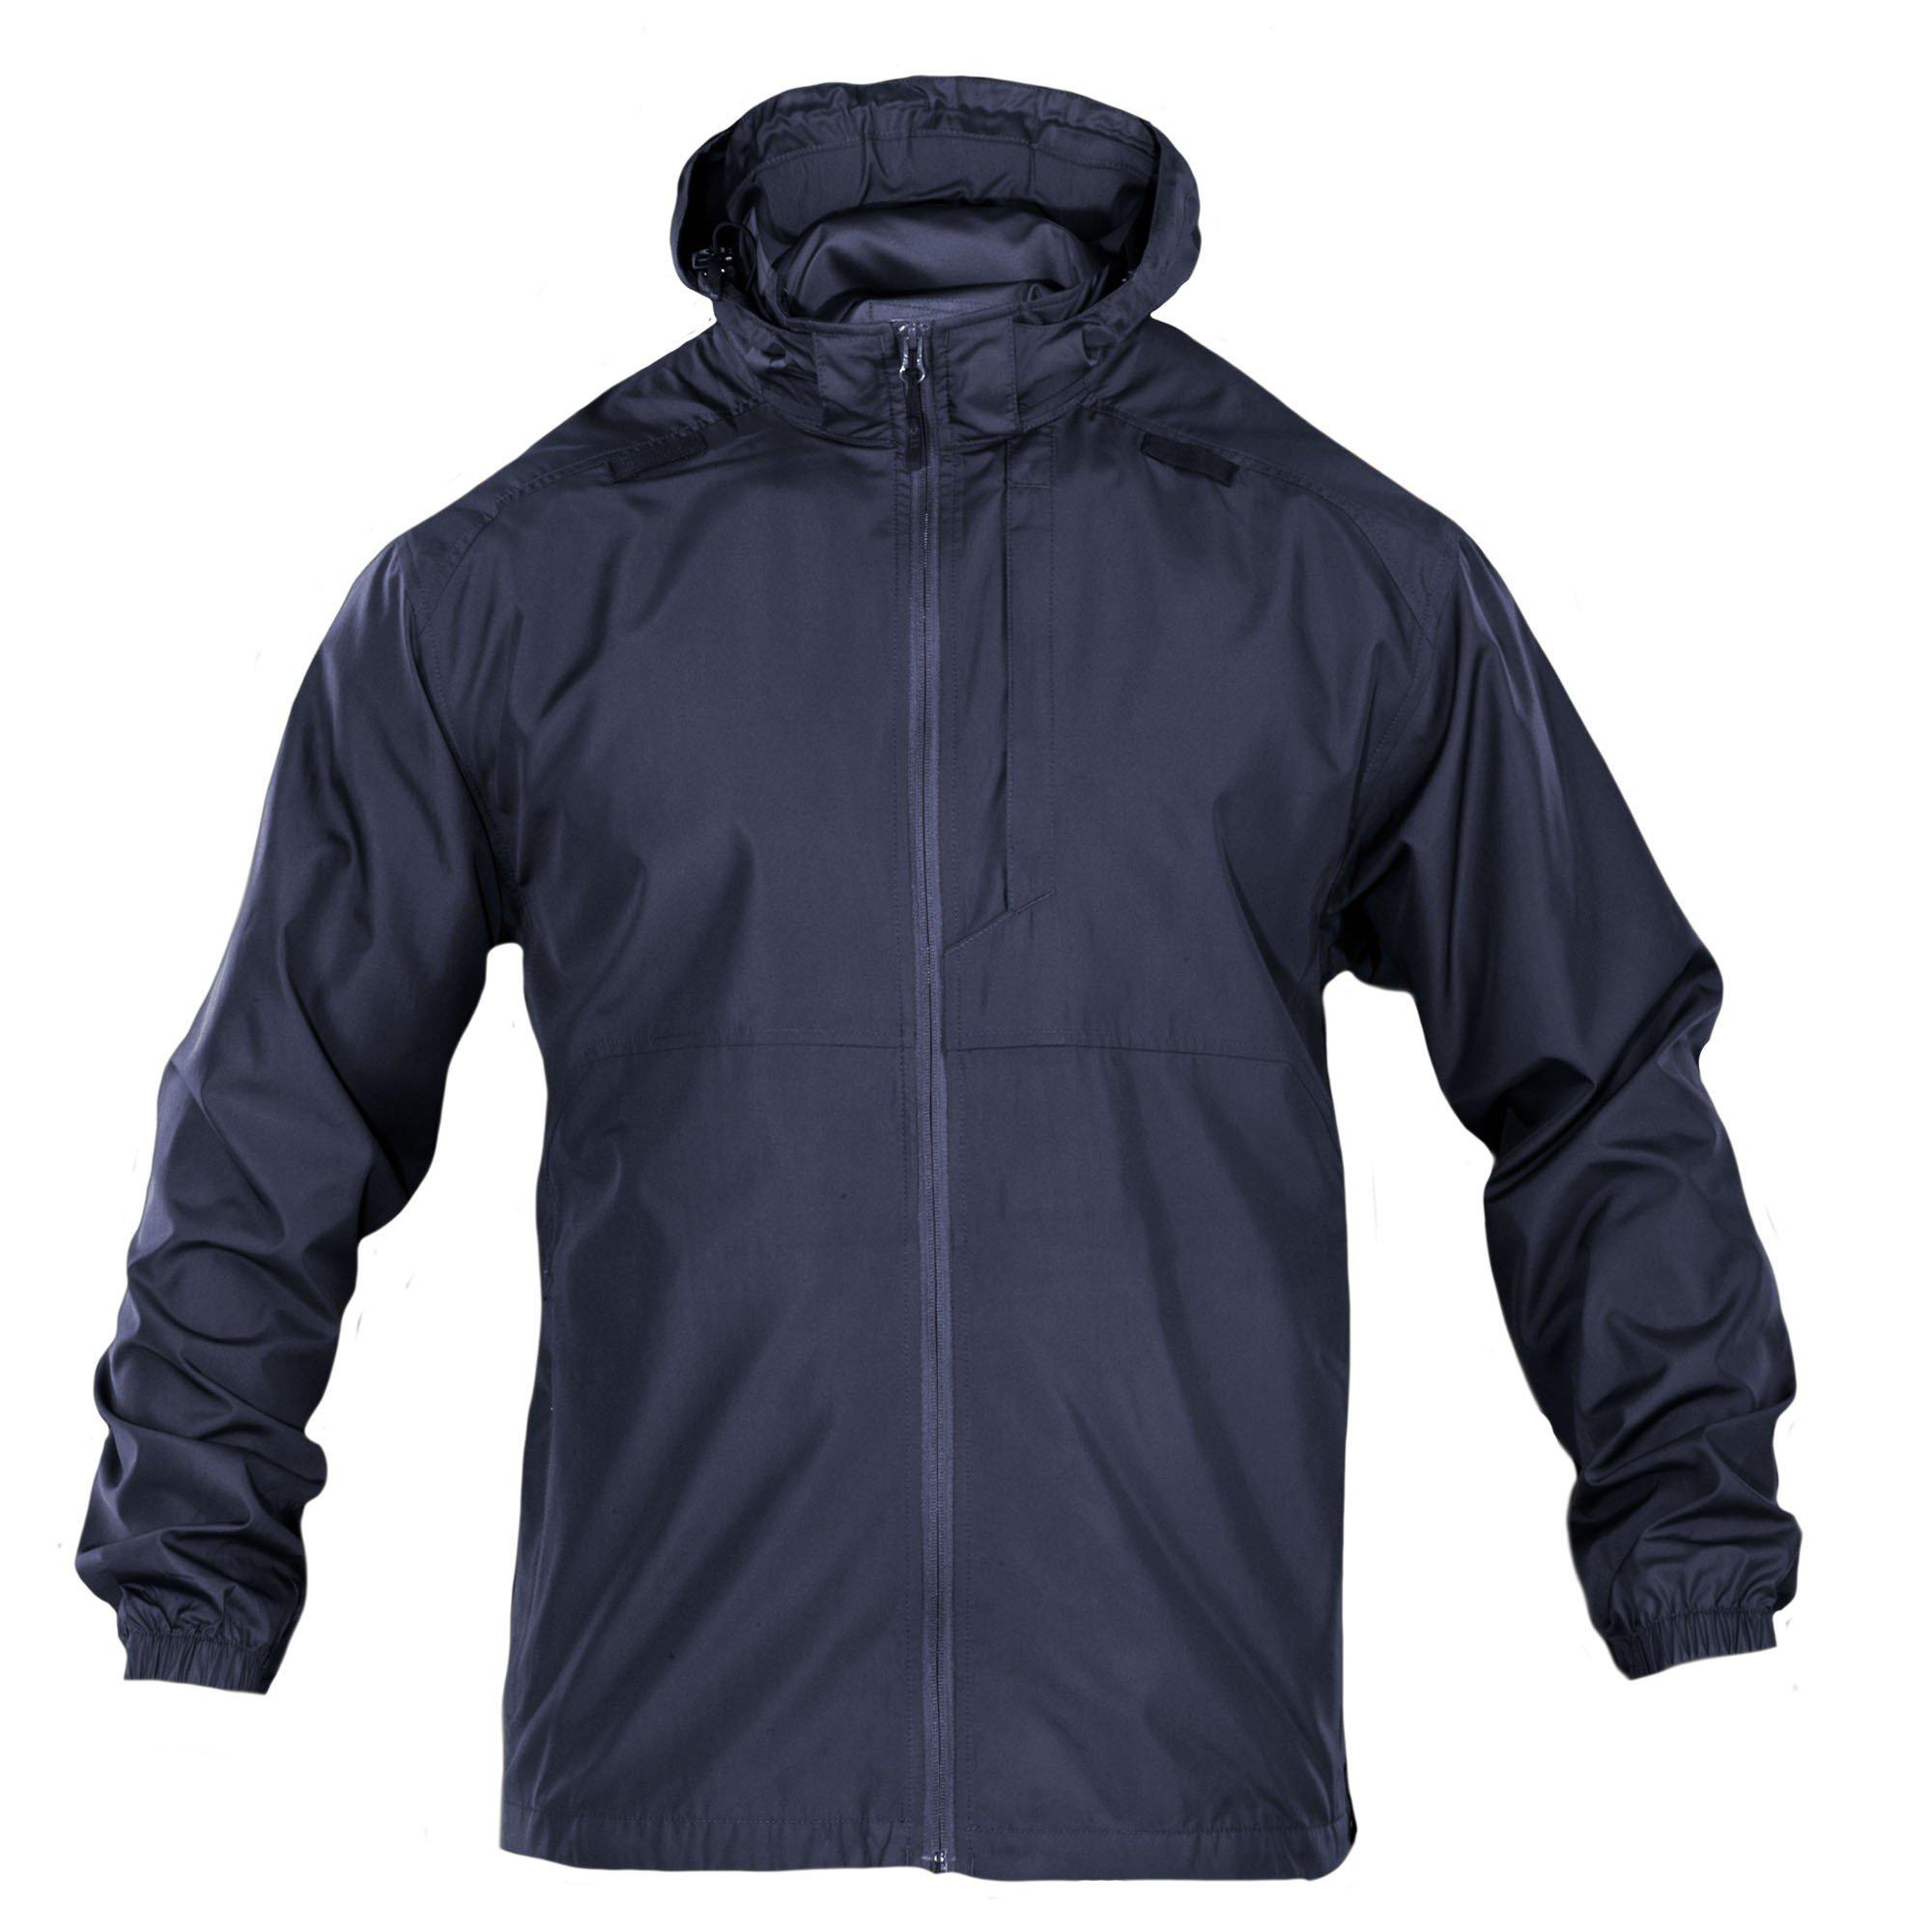 5.11 Tactical Men's Packable Operator Jacket, Dark Navy, Large